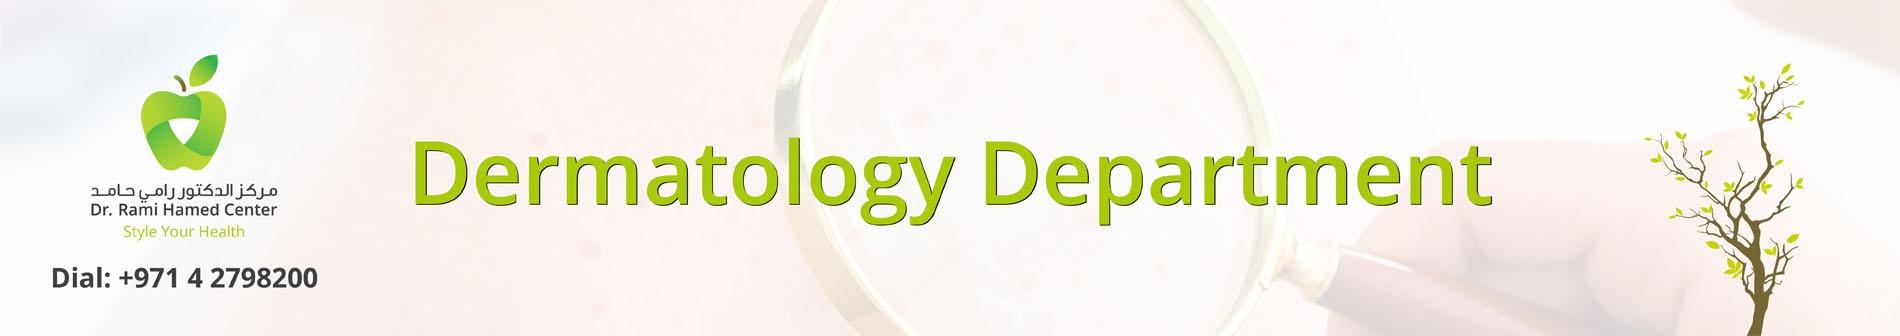 Dubai Dermatology Clinic